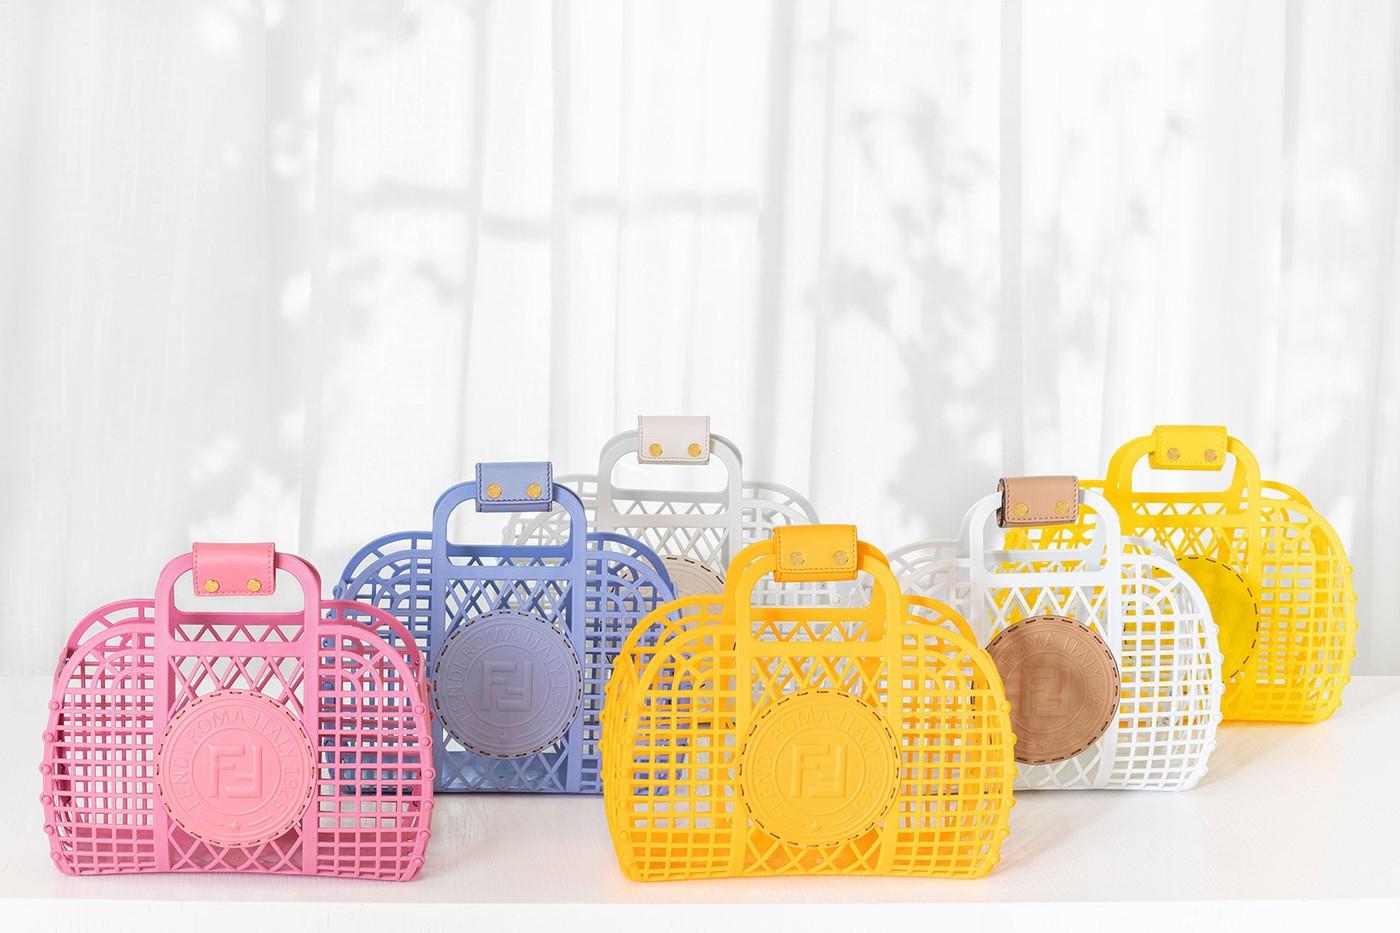 Fendi SS21 bags